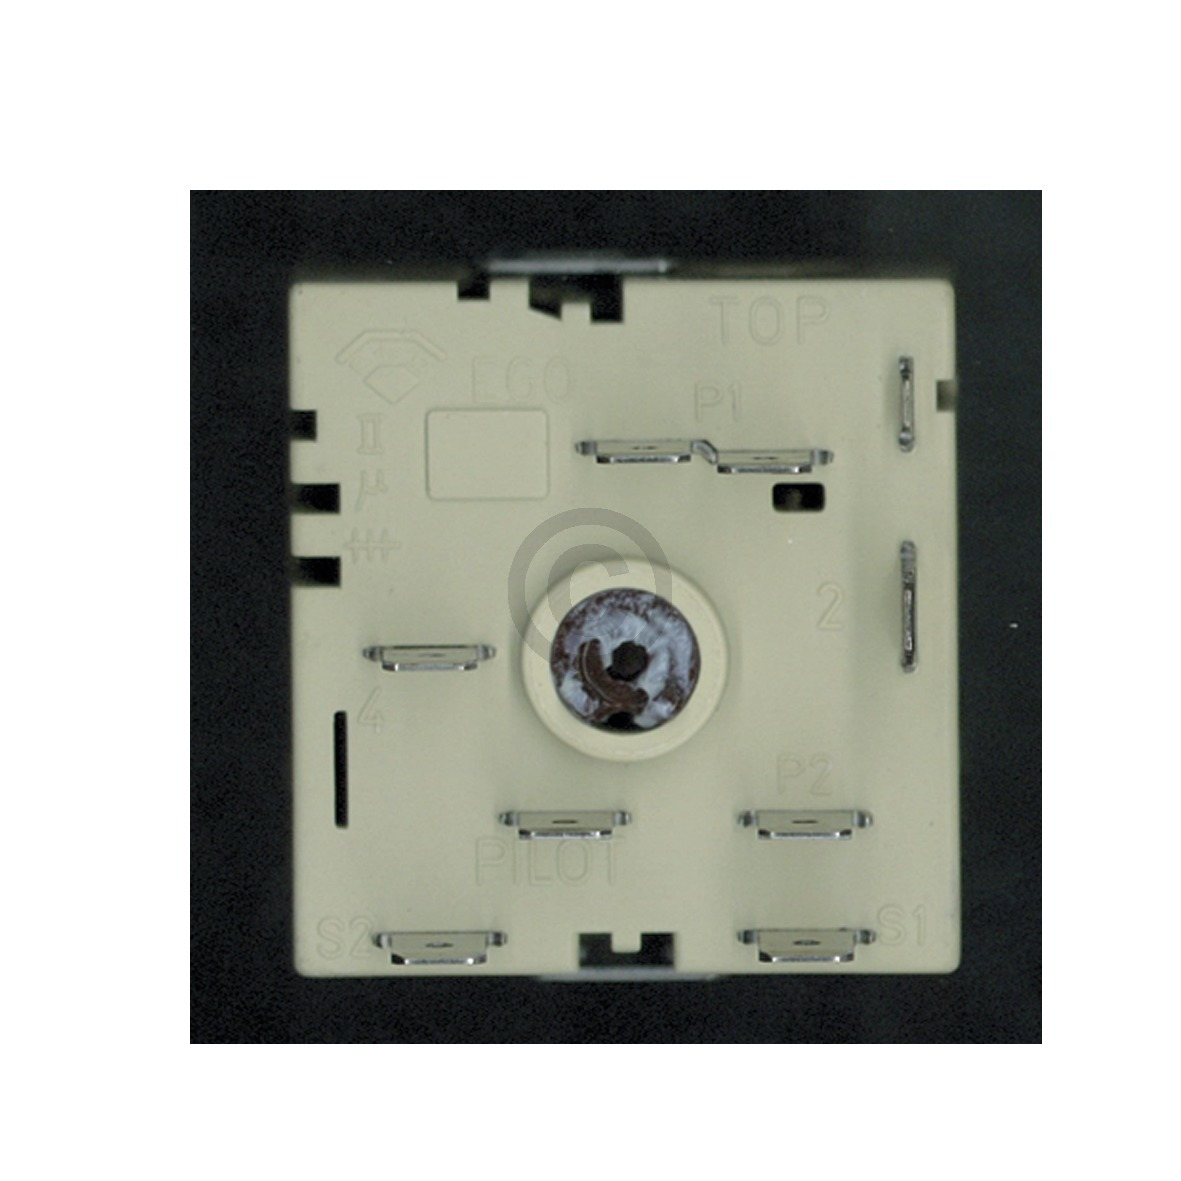 Kochplattenschalter Electrolux 305170621/0 EGO 50.55021.100 ZWEIKREIS